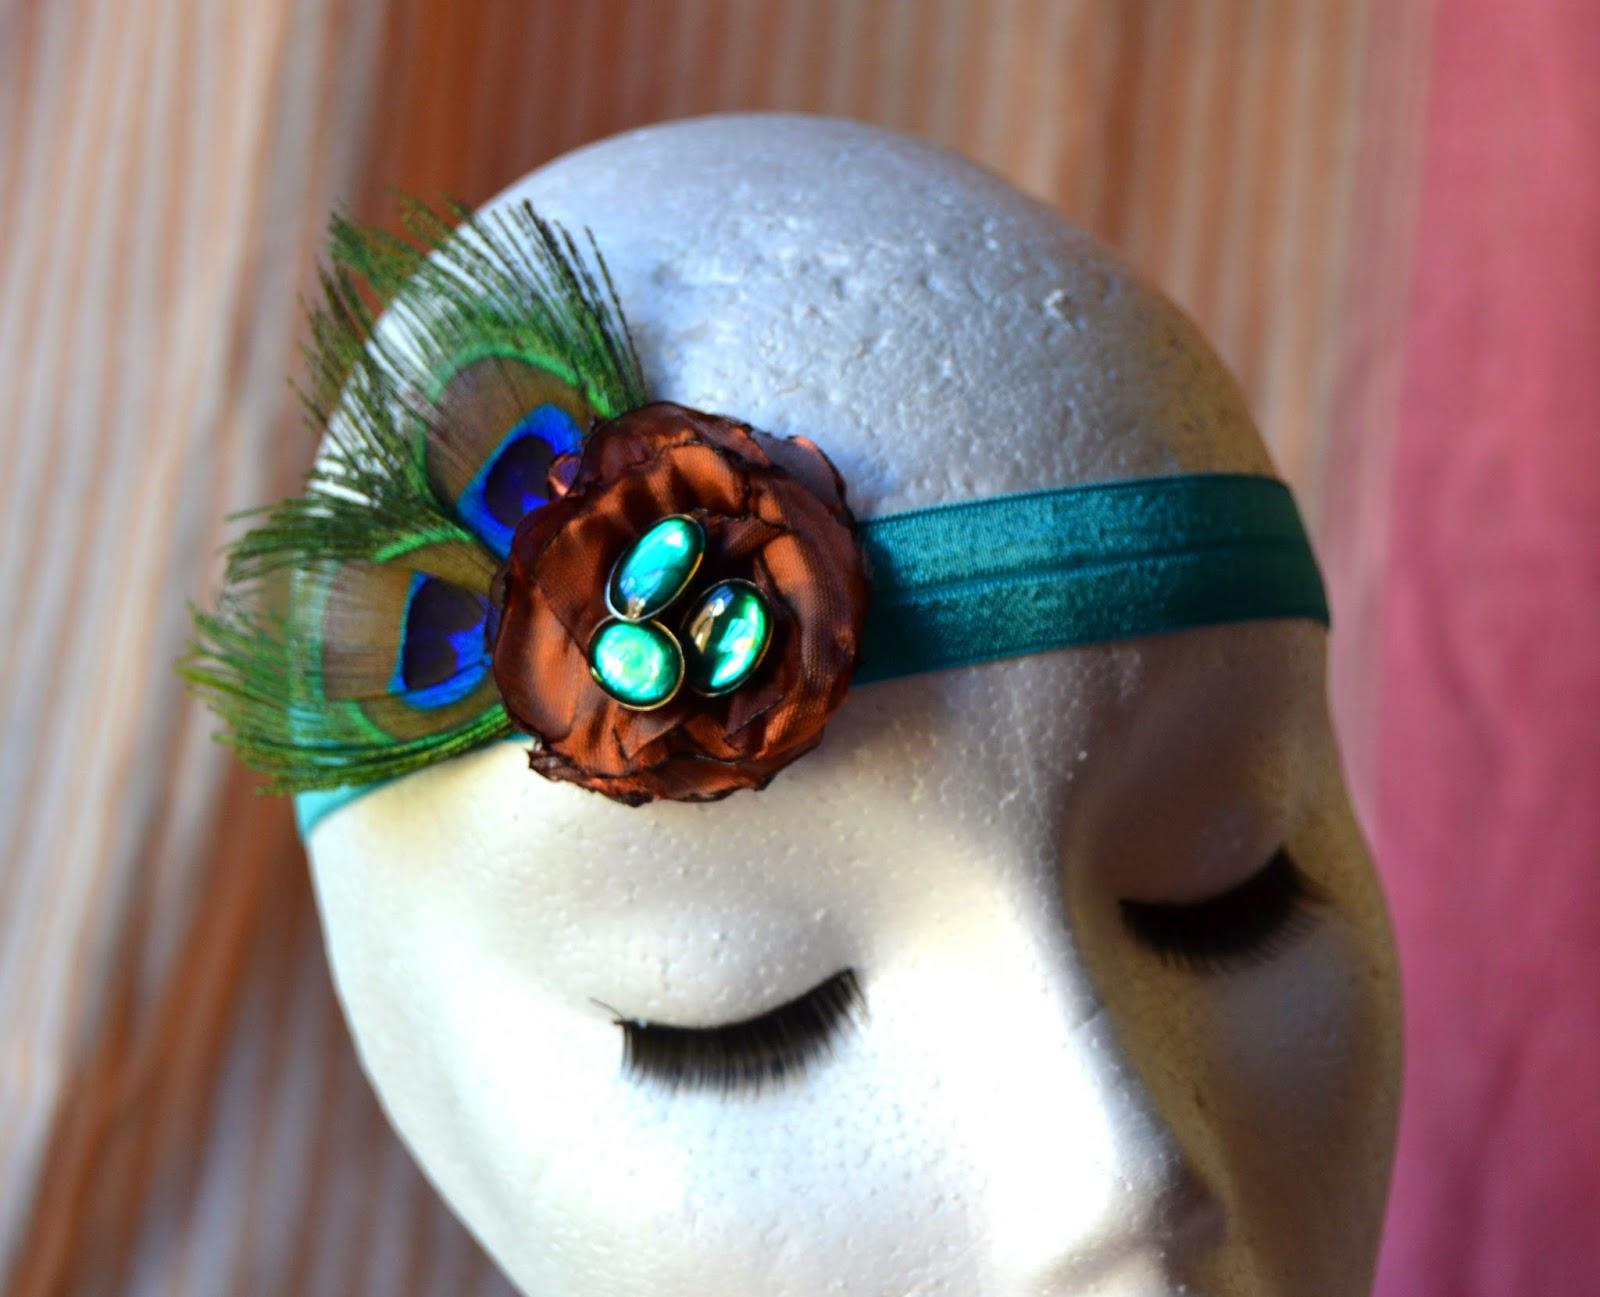 tocado tipo cinta elstica realizado con plumas de pavo real flor en organza de seda color bronce y botones de piedra en verde esmeralda